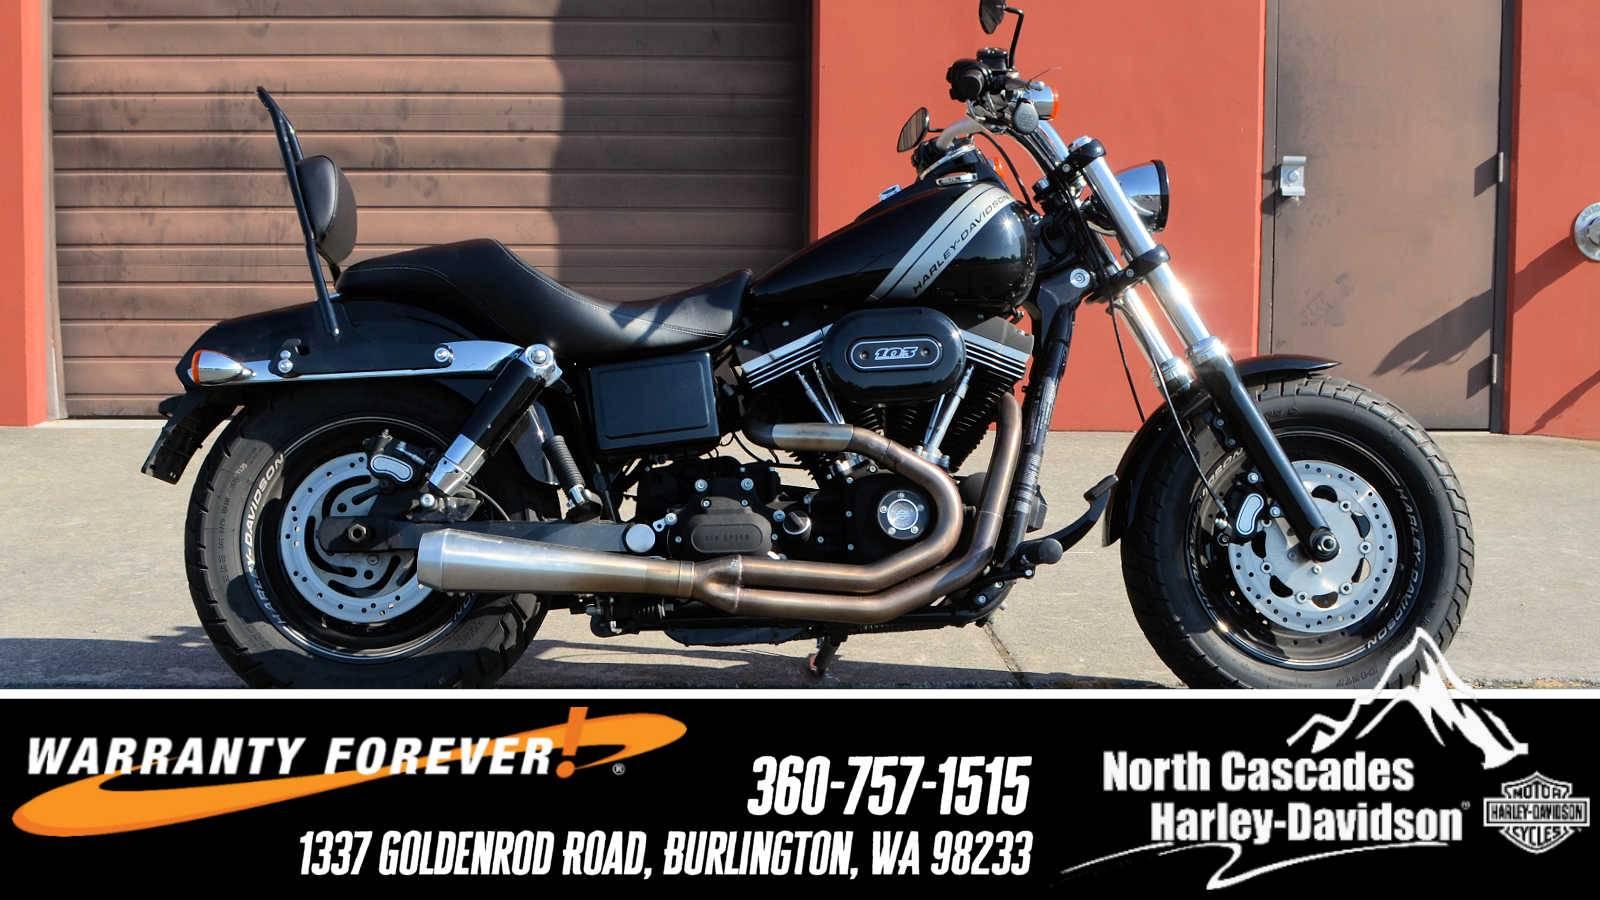 2016 Harley Davidson Fat Bob In Burlington Washington